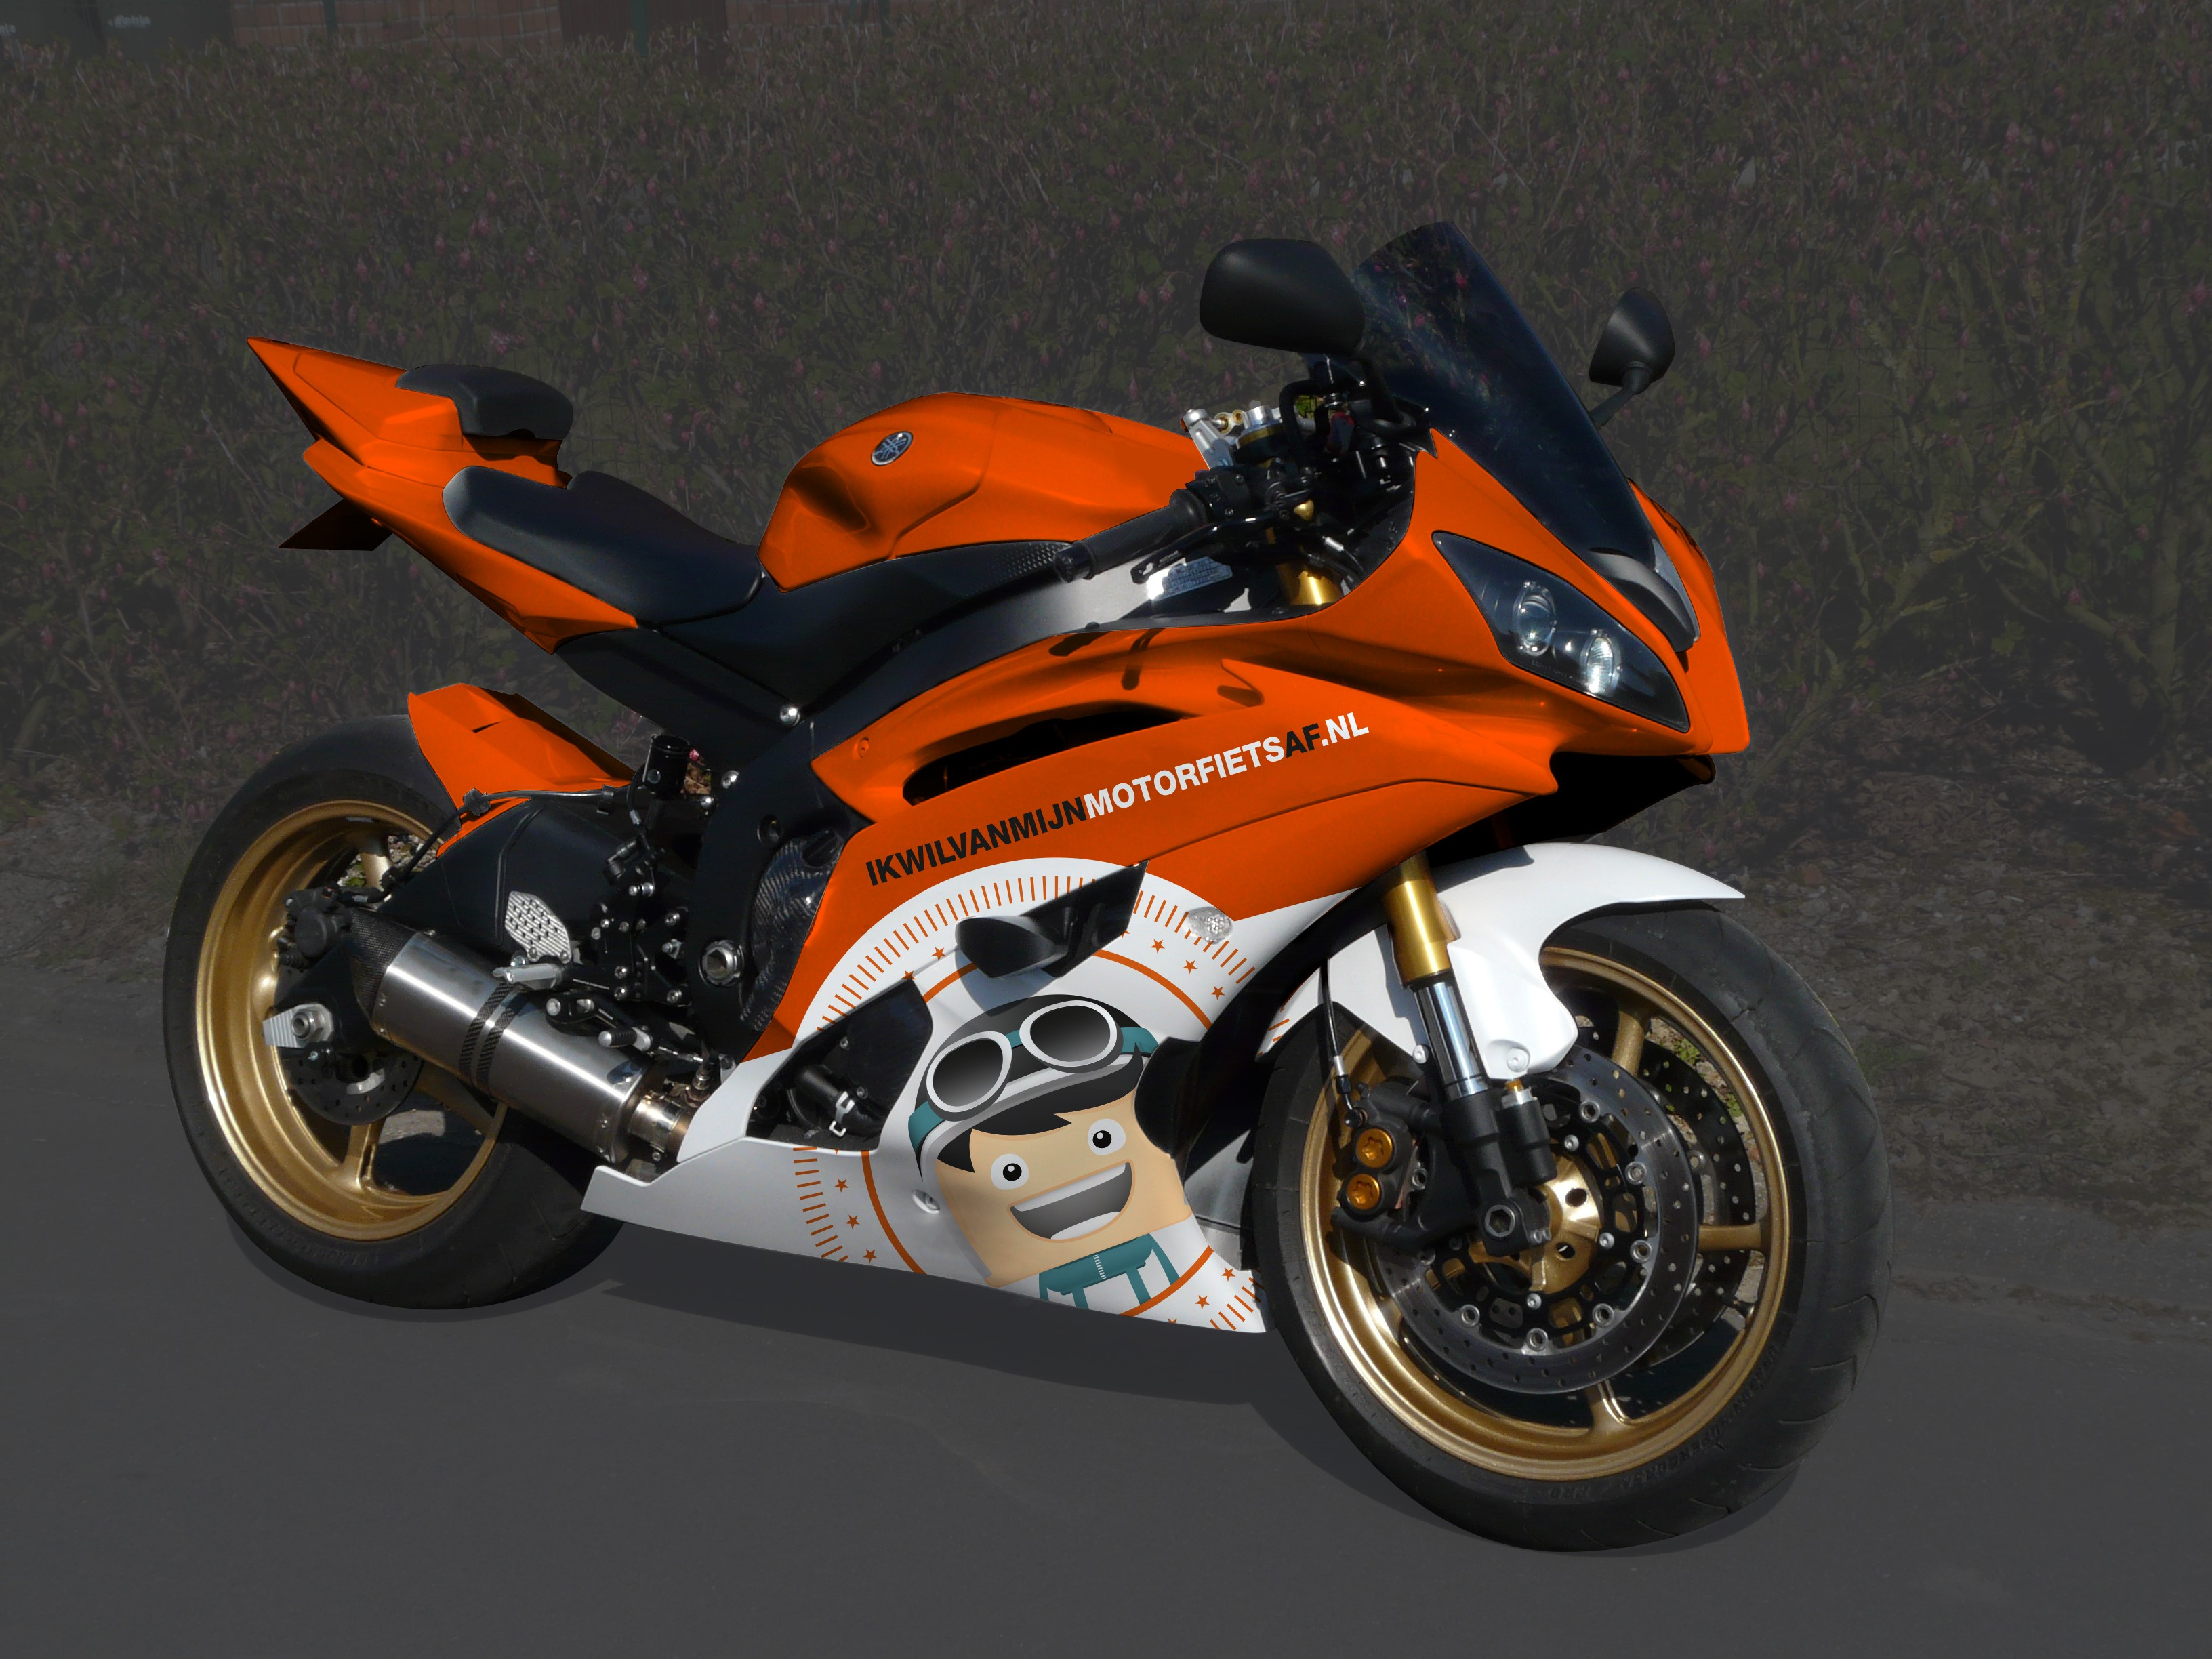 ik wil van mijn motorfiets af